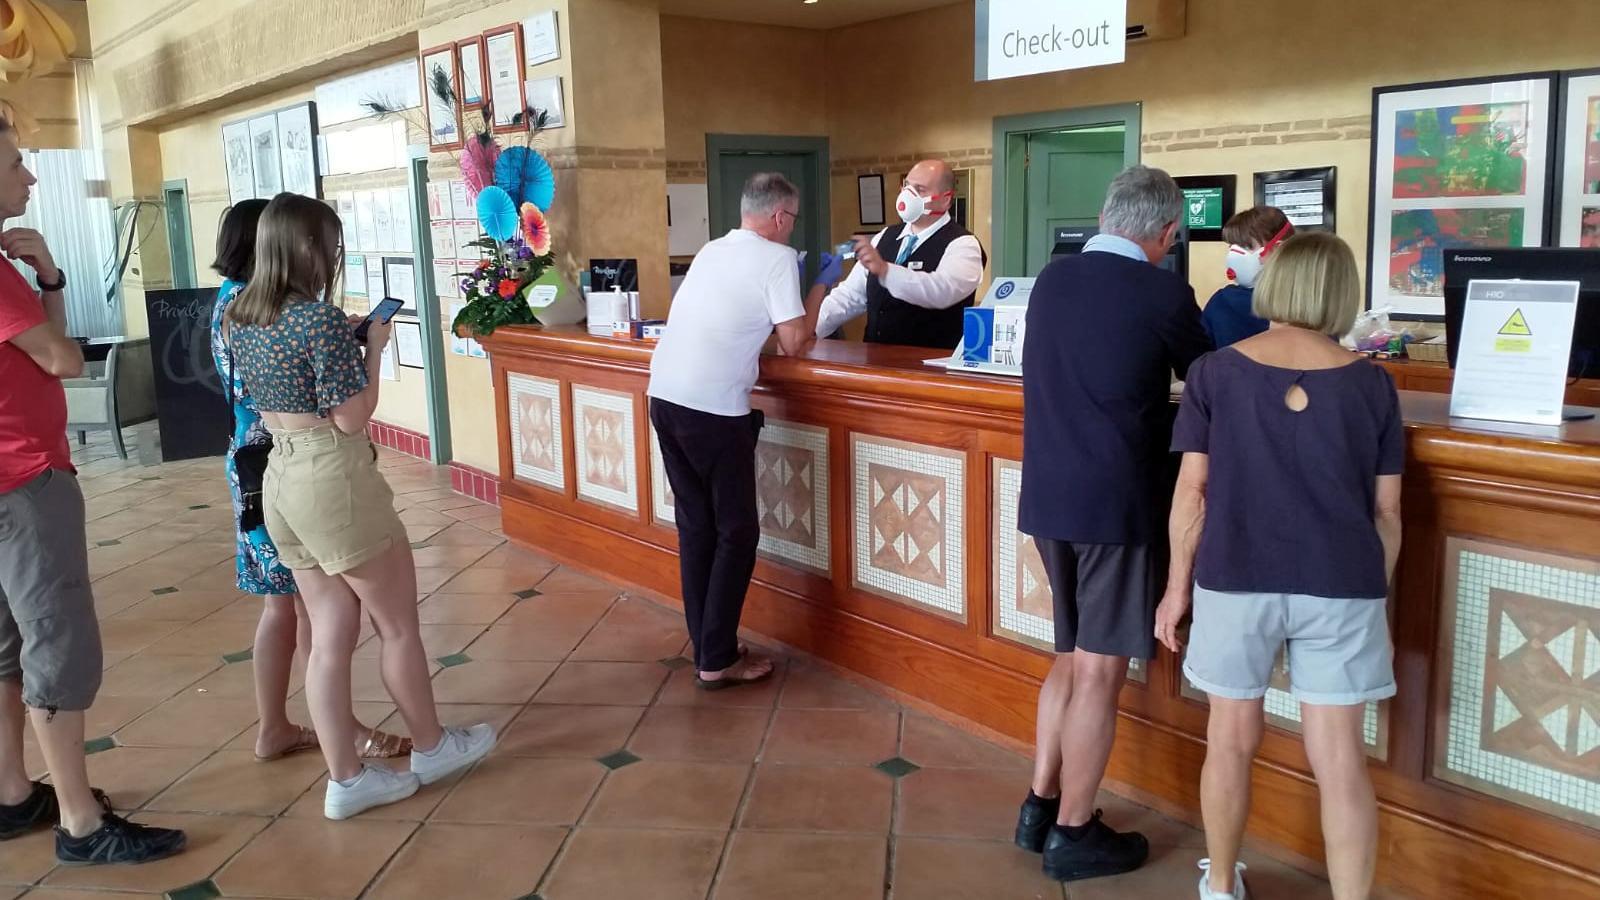 Un empleat, amb mascareta de protecció,  parla amb alguns clients., poc desprès de decretar-se el confinament